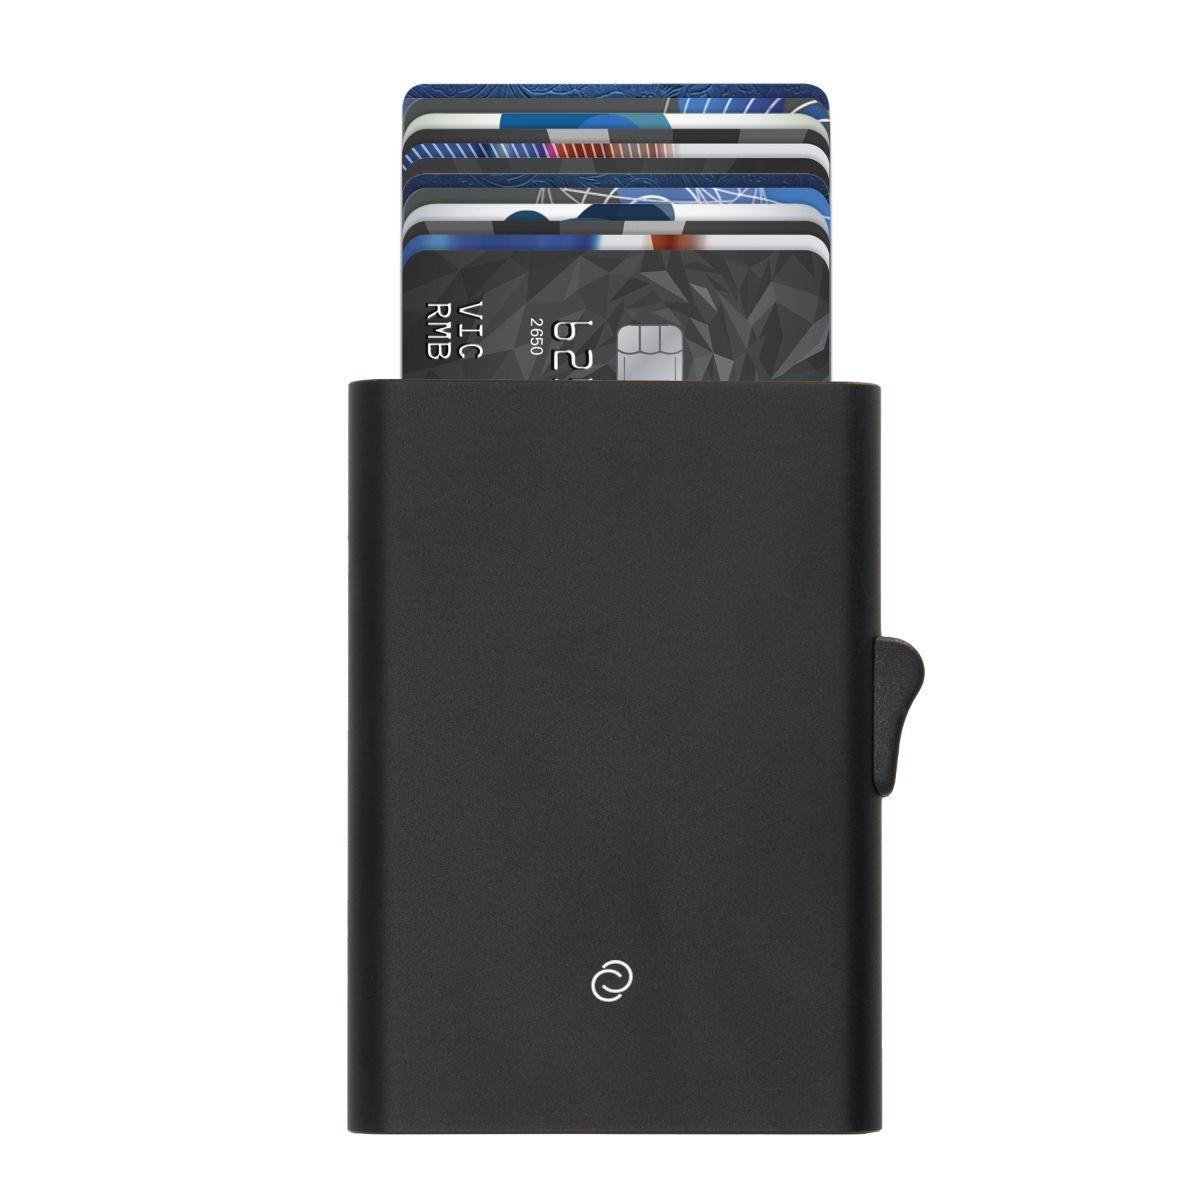 C-Secure ארנק אלומיניום מינימלסטי דגם XL - שחור